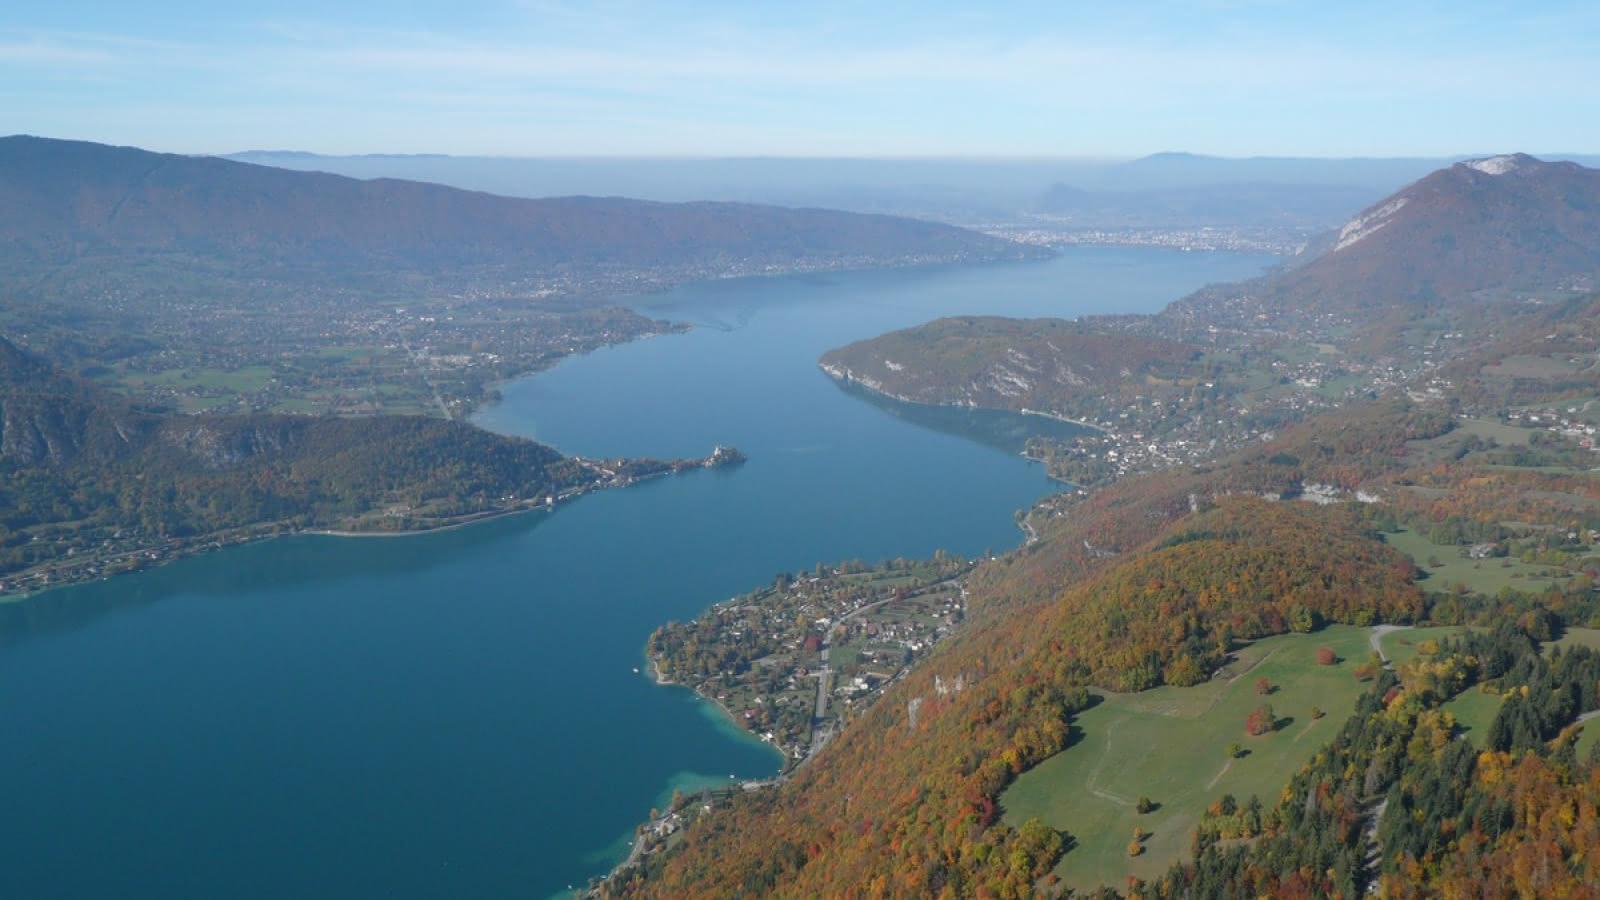 Le lac d'Annecy, vu du ciel